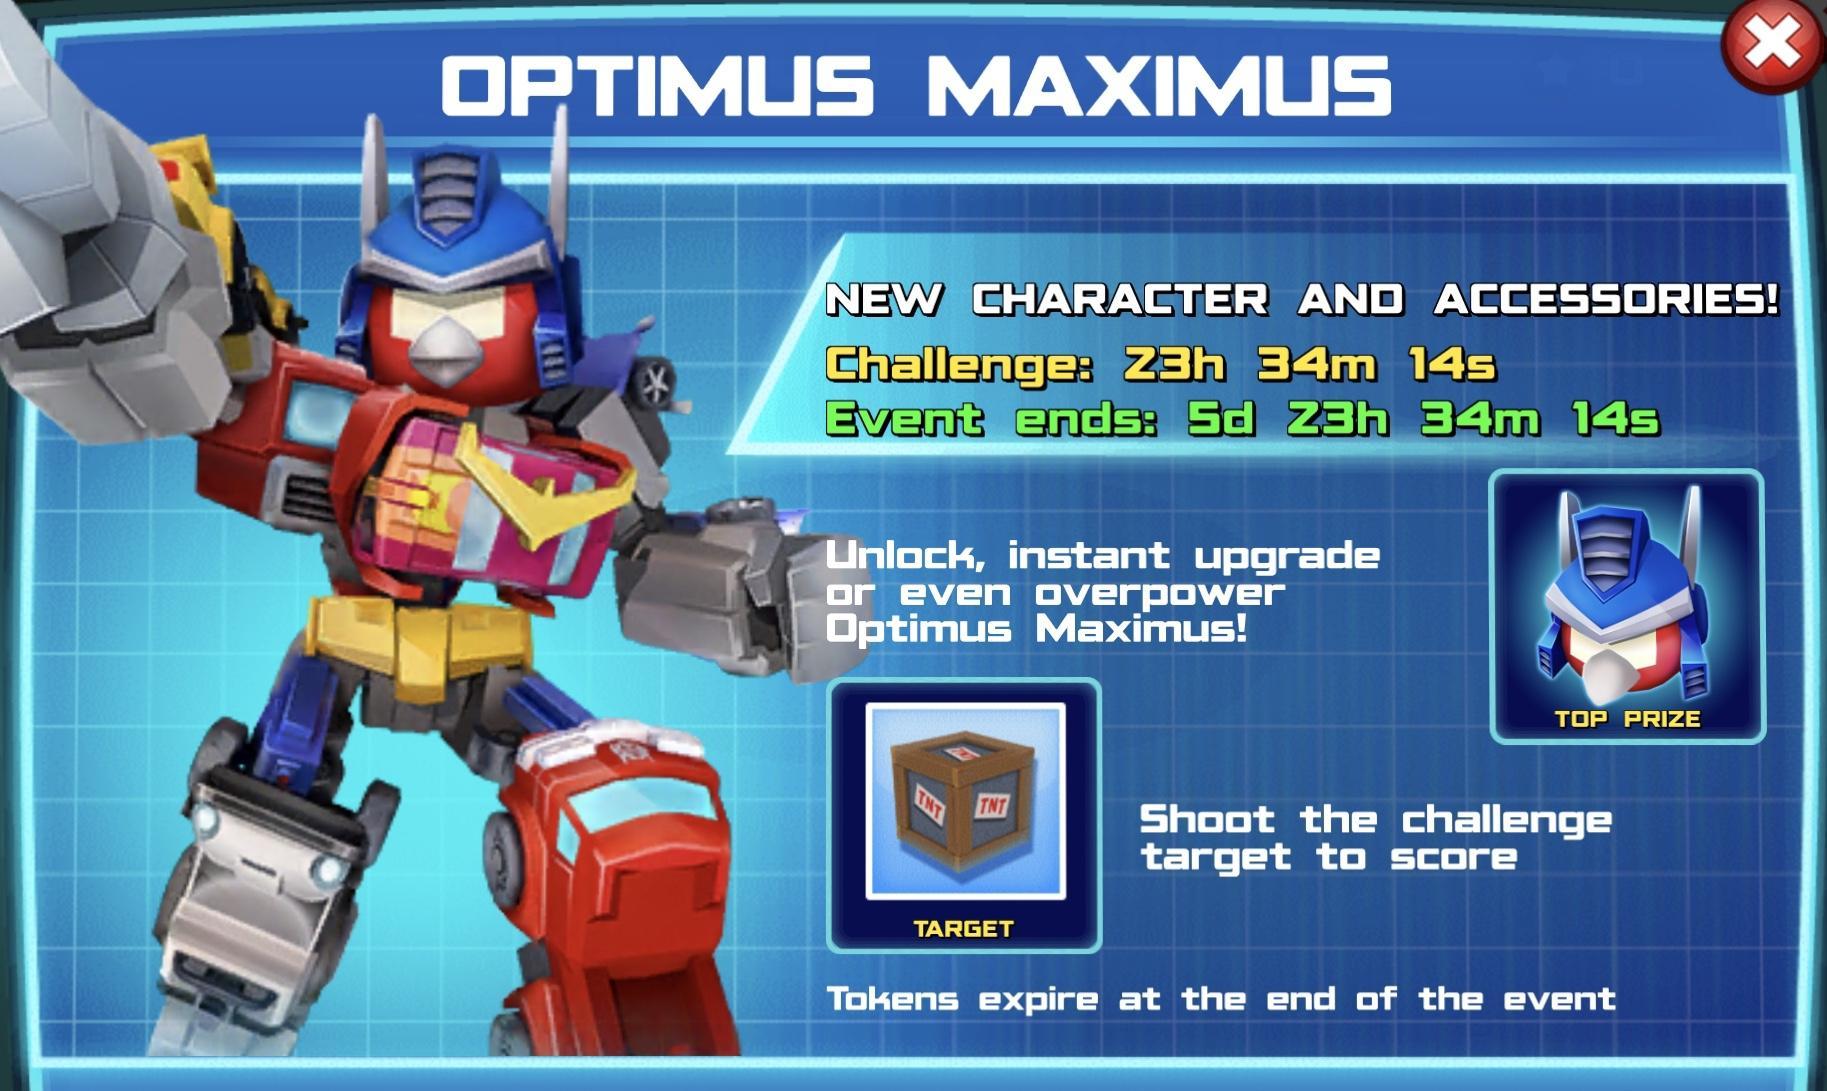 Optimus Maximus event banner